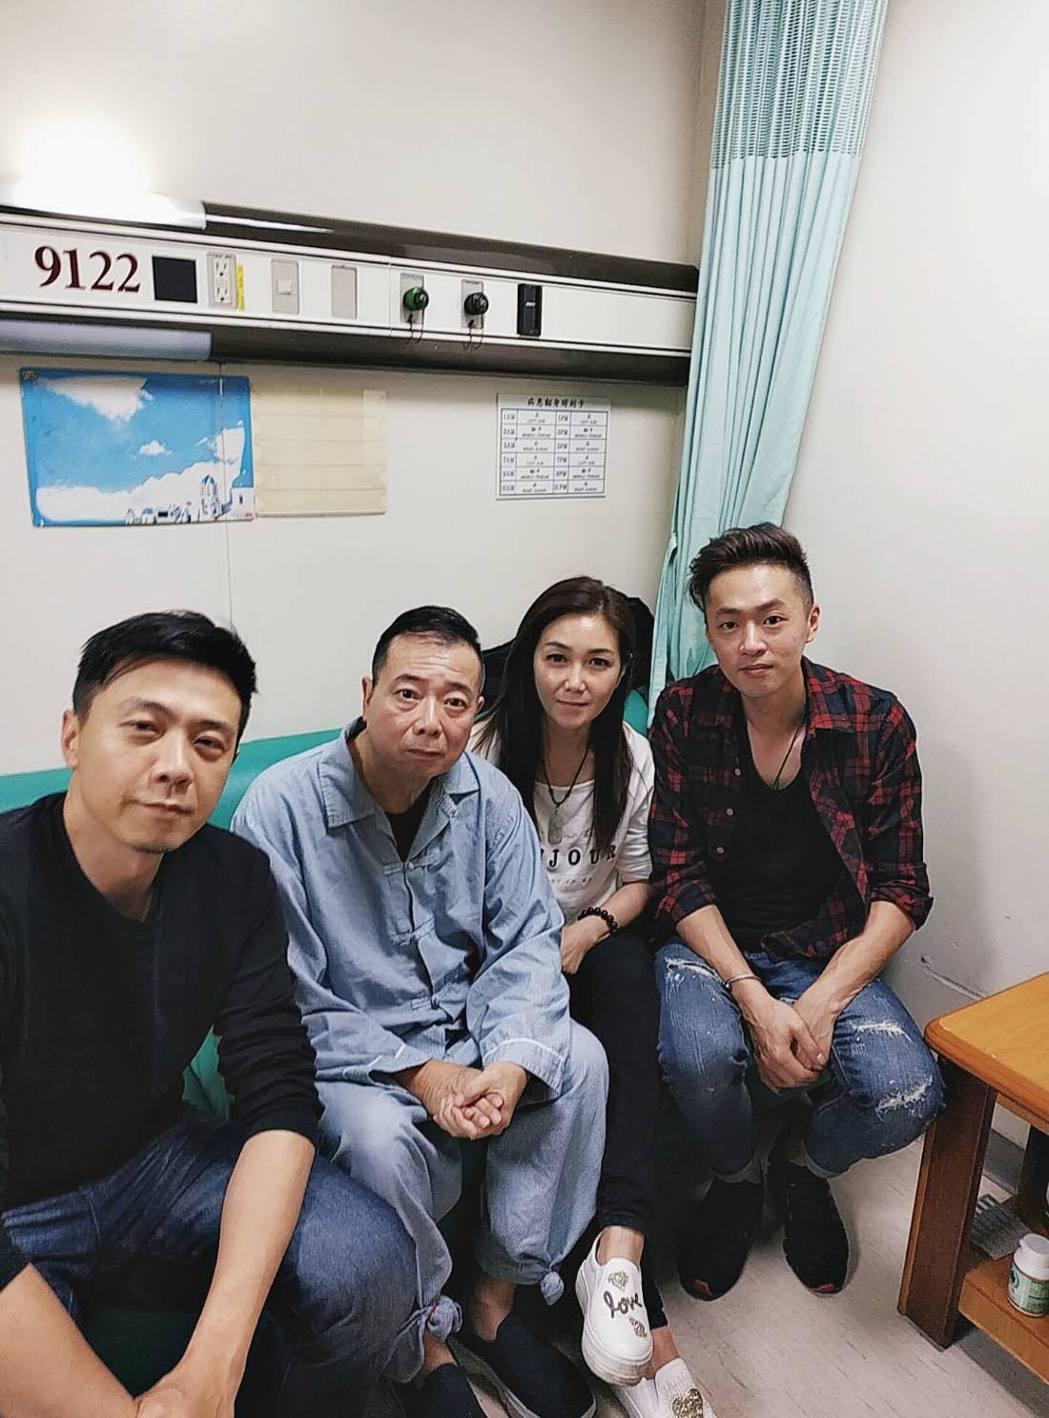 圖/擷自廖峻/ 錦德臉書